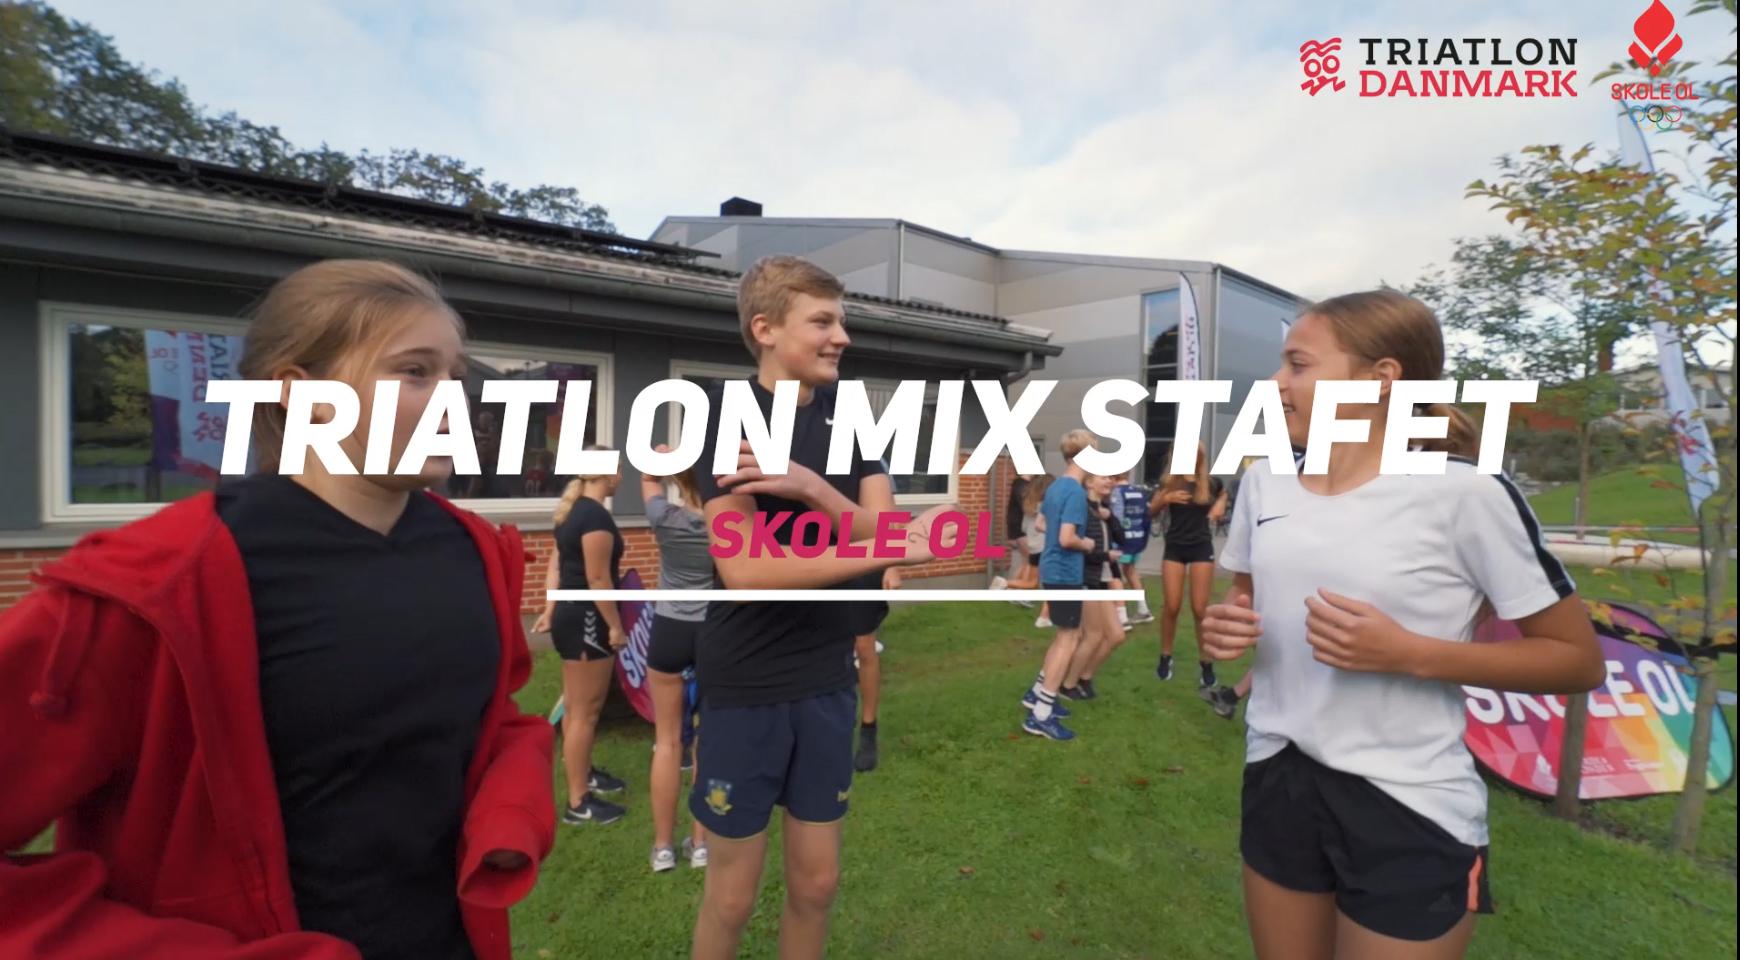 Klik på billedet og se filmen om Skole OL Triatlon Mix Stafet